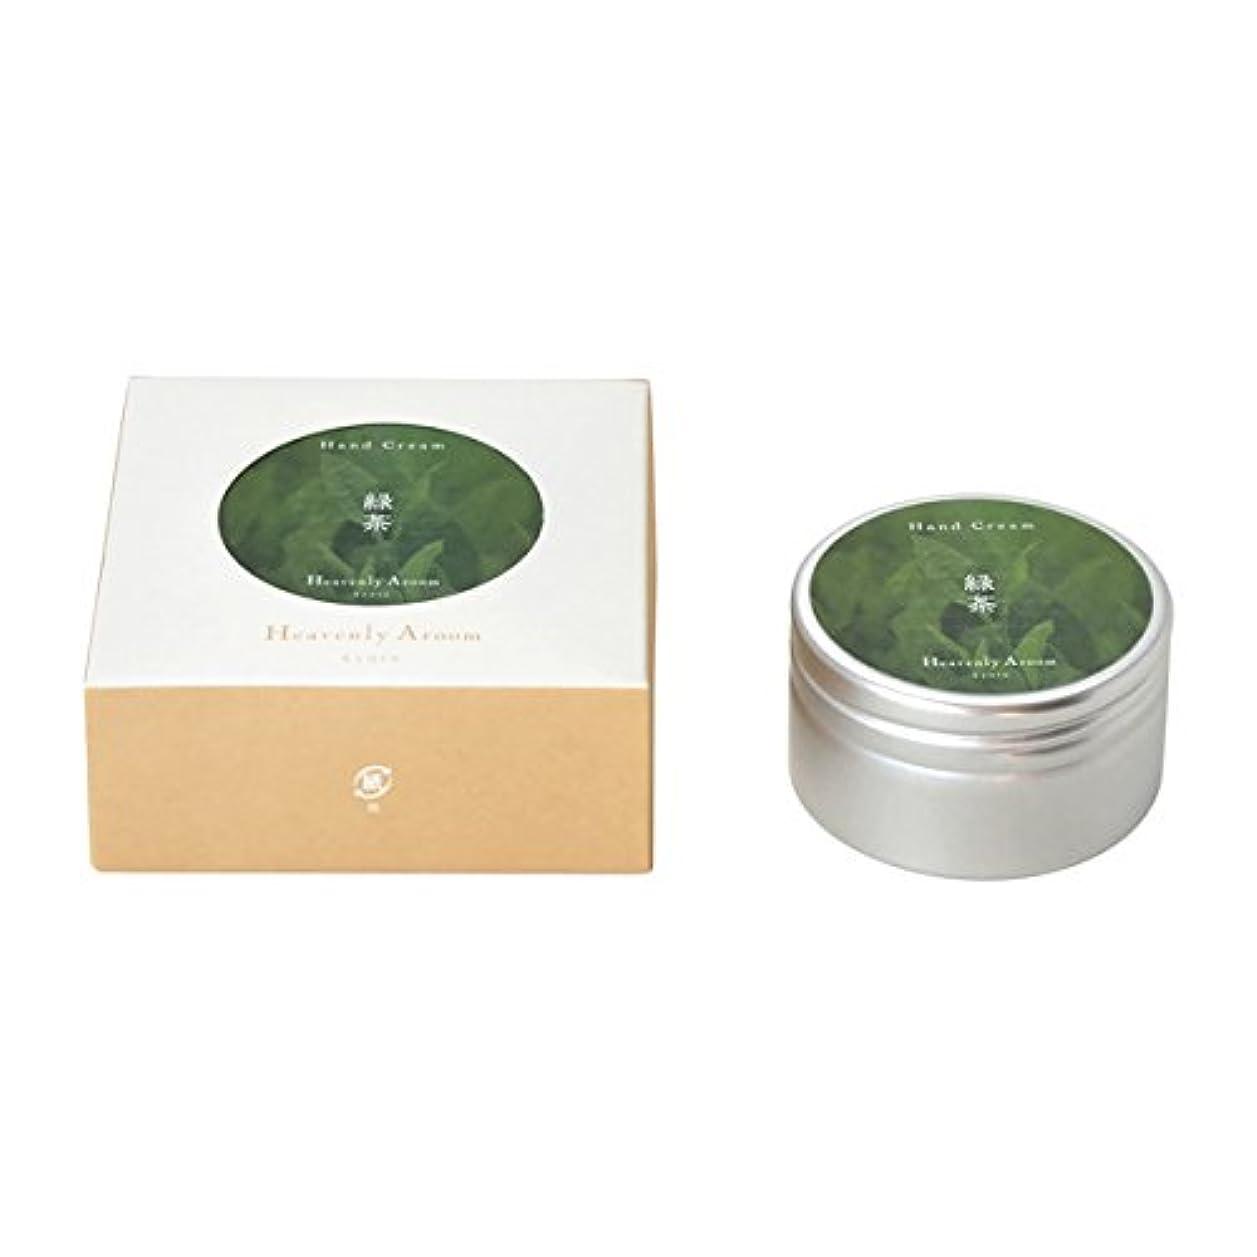 染料ラメ小切手Heavenly Aroom ハンドクリーム 緑茶 30g